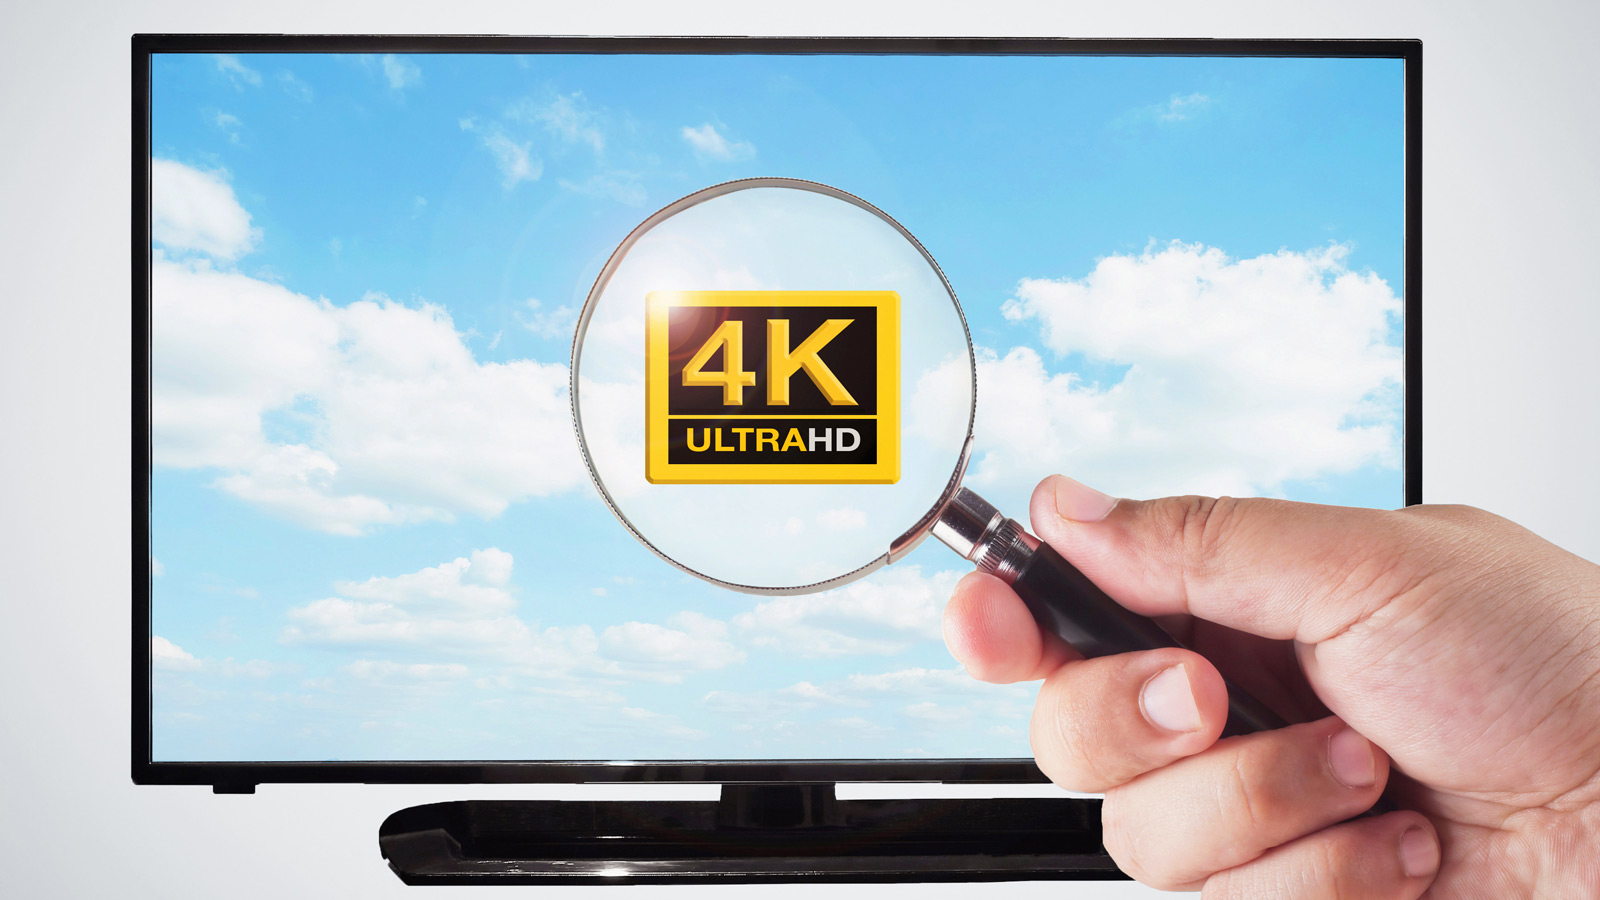 Pedimos a um painel de 25 utilizadores para indicar que diferenças percecionava, a nível do detalhe da imagem, entre um televisor Full-HD e um 4K.